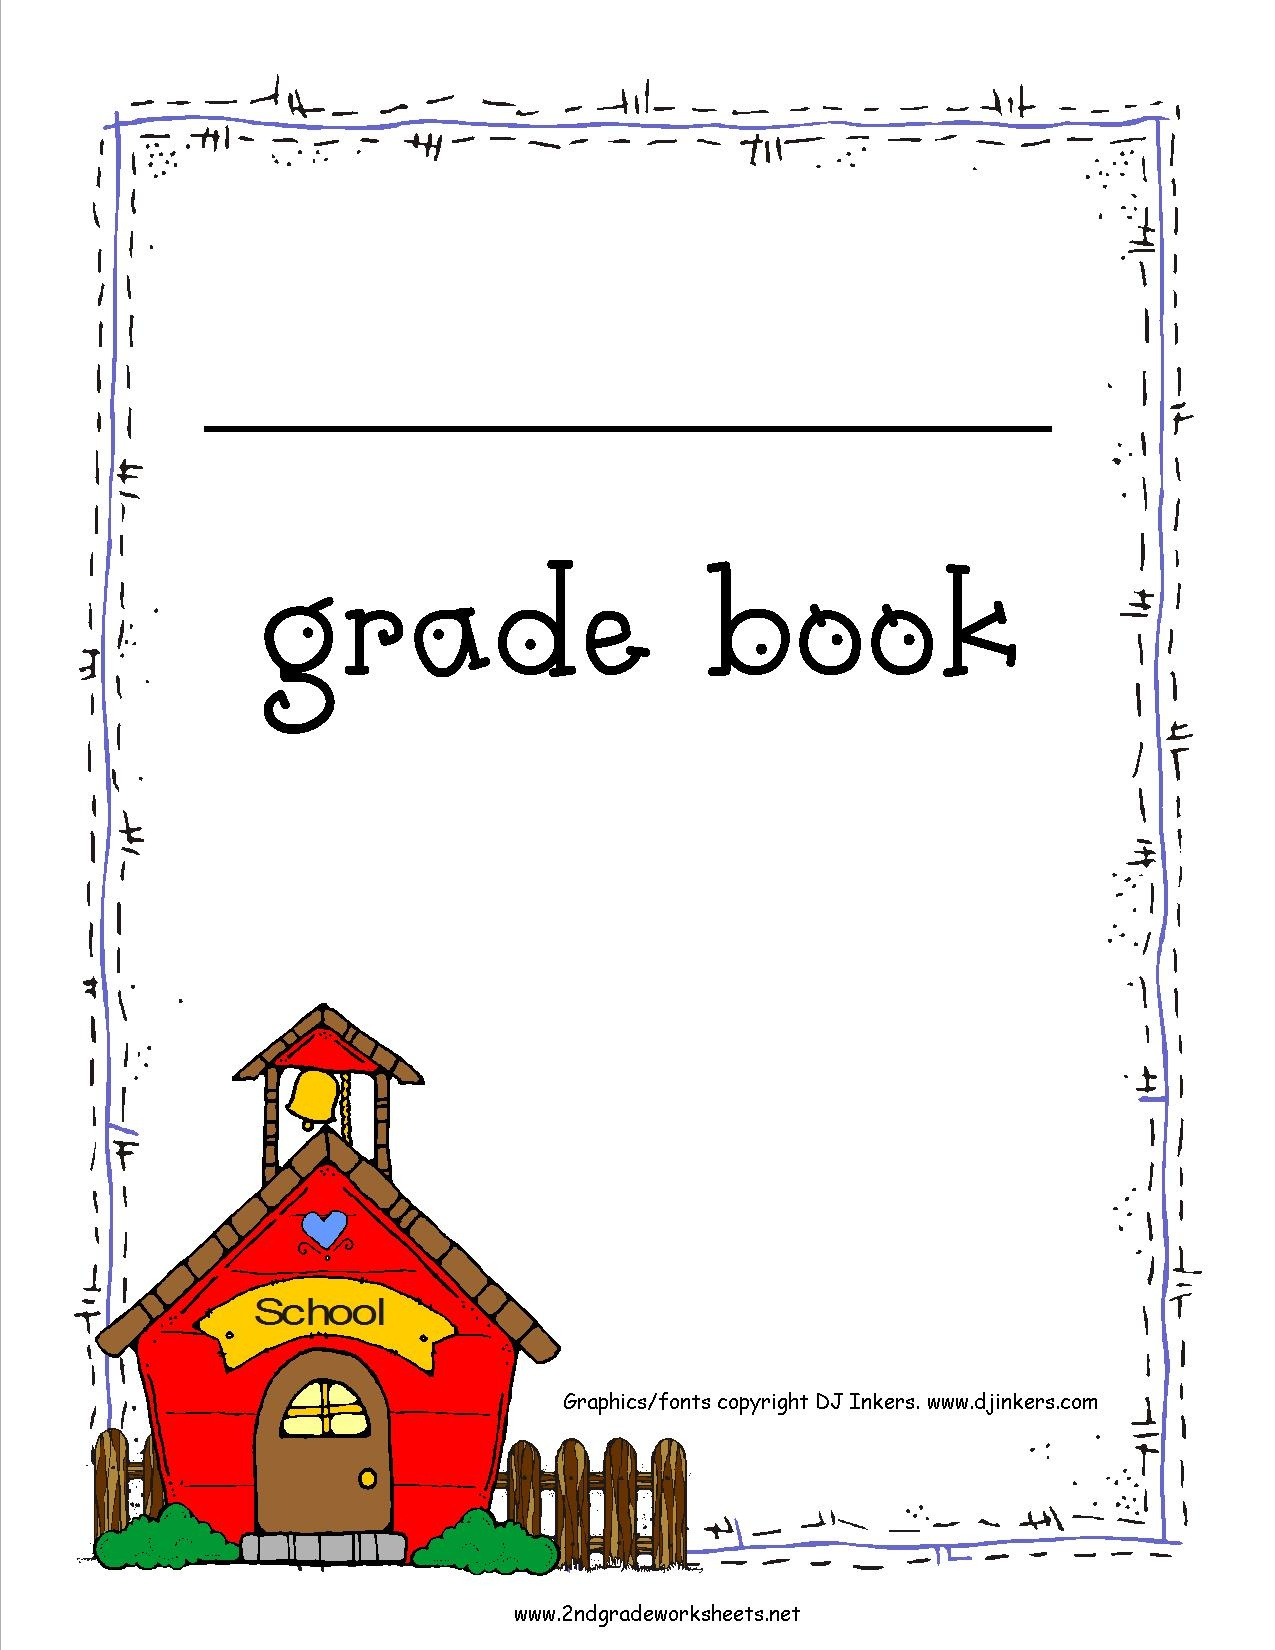 Free Grade Book Printouts - Free Printable Gradebook